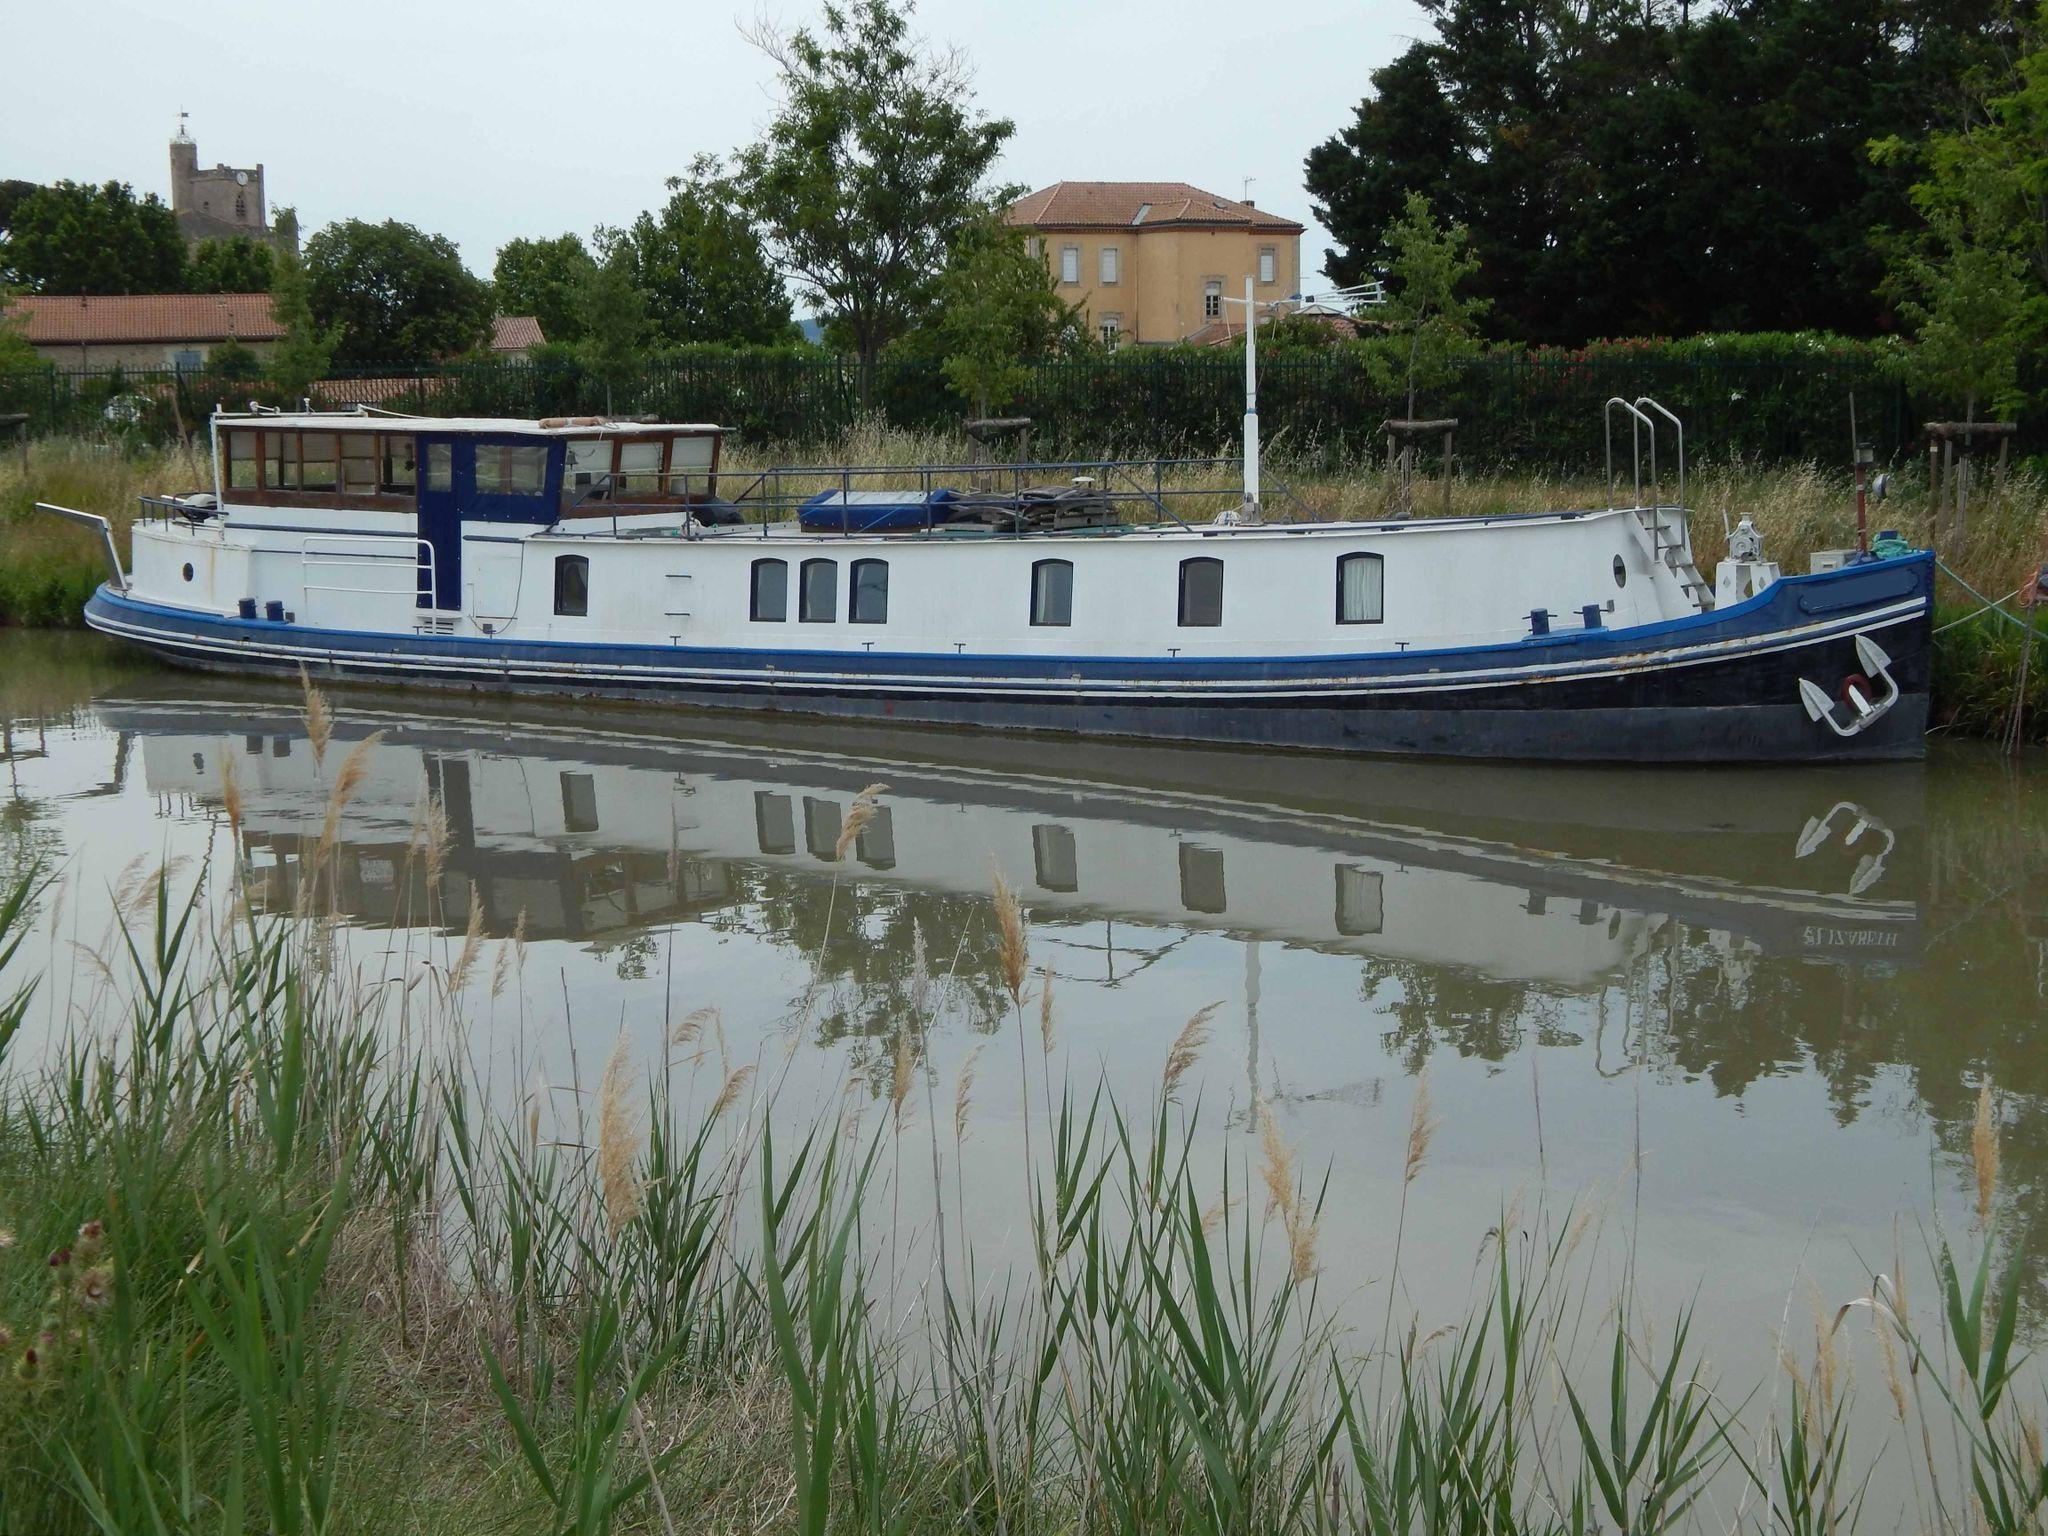 Dutch Barge 22M